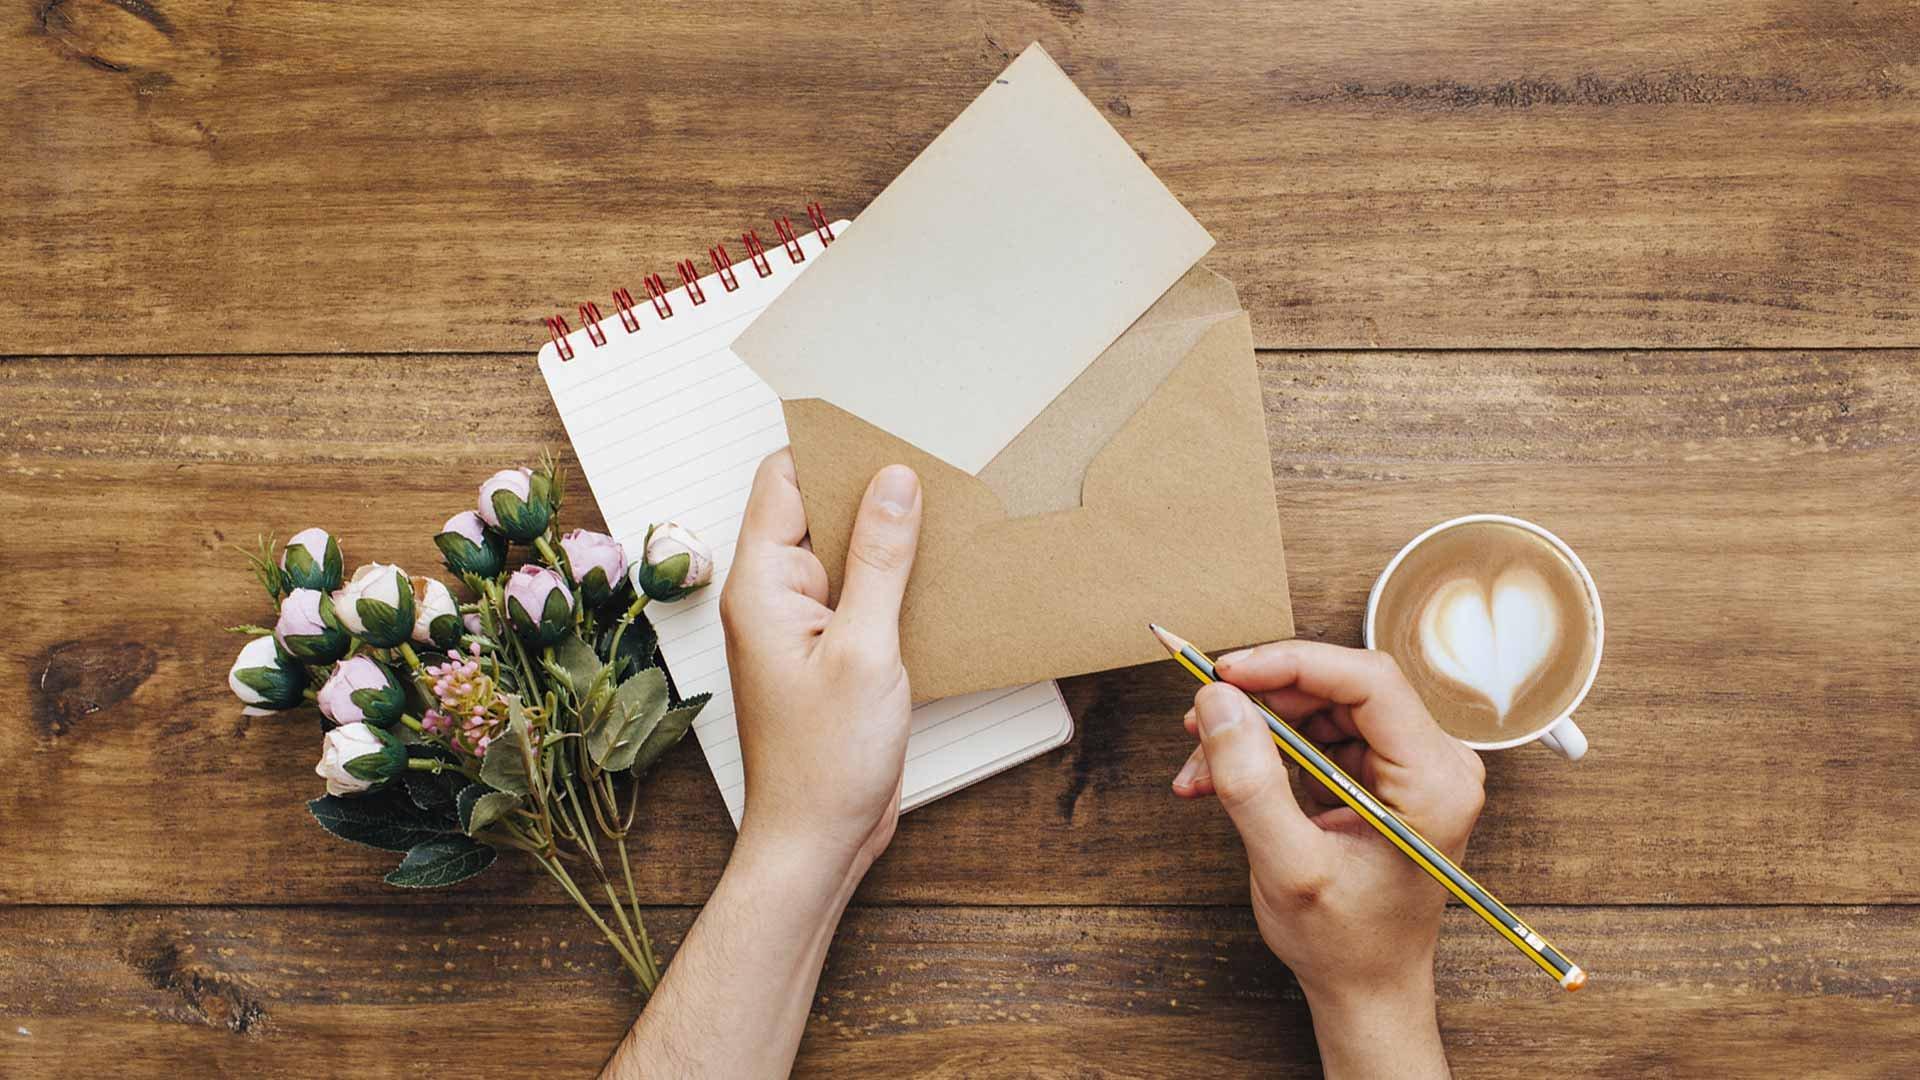 Consigli email marketing   Invia mail personalizzate da un account veritiero